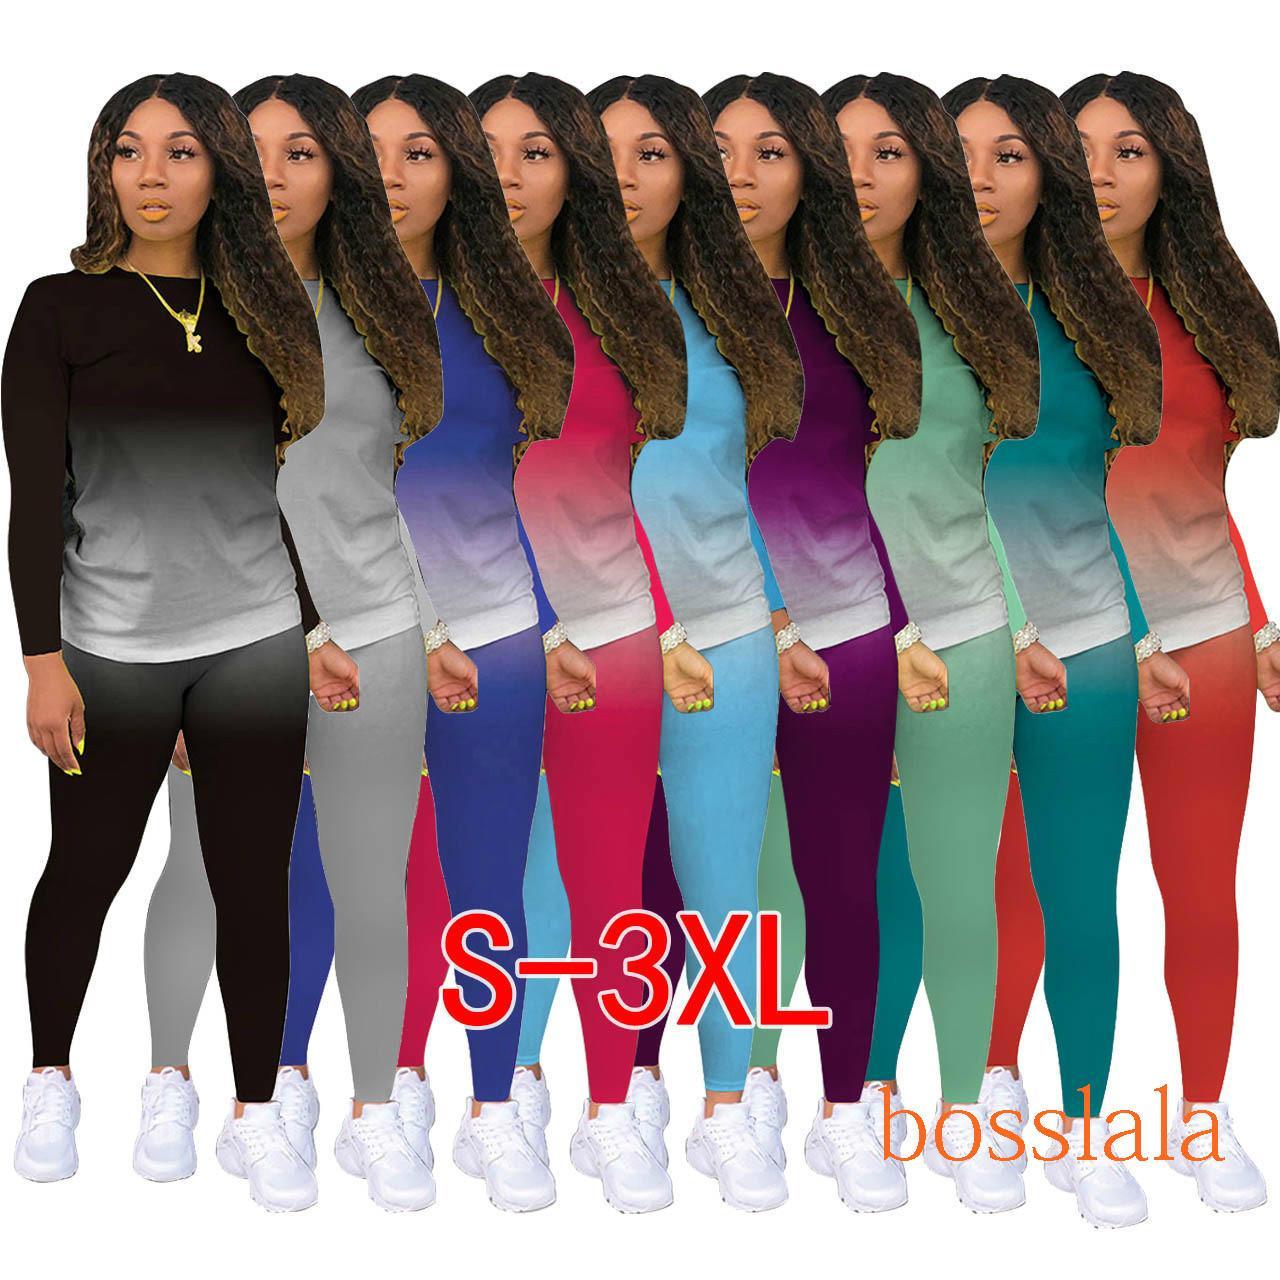 2020 Mulheres Tracksuits Dois Peças Definir Outfits Roupas Gradient Cor Jogging Terno Senhoras Nova Moda Casual Sportswear DHL 9 Cores